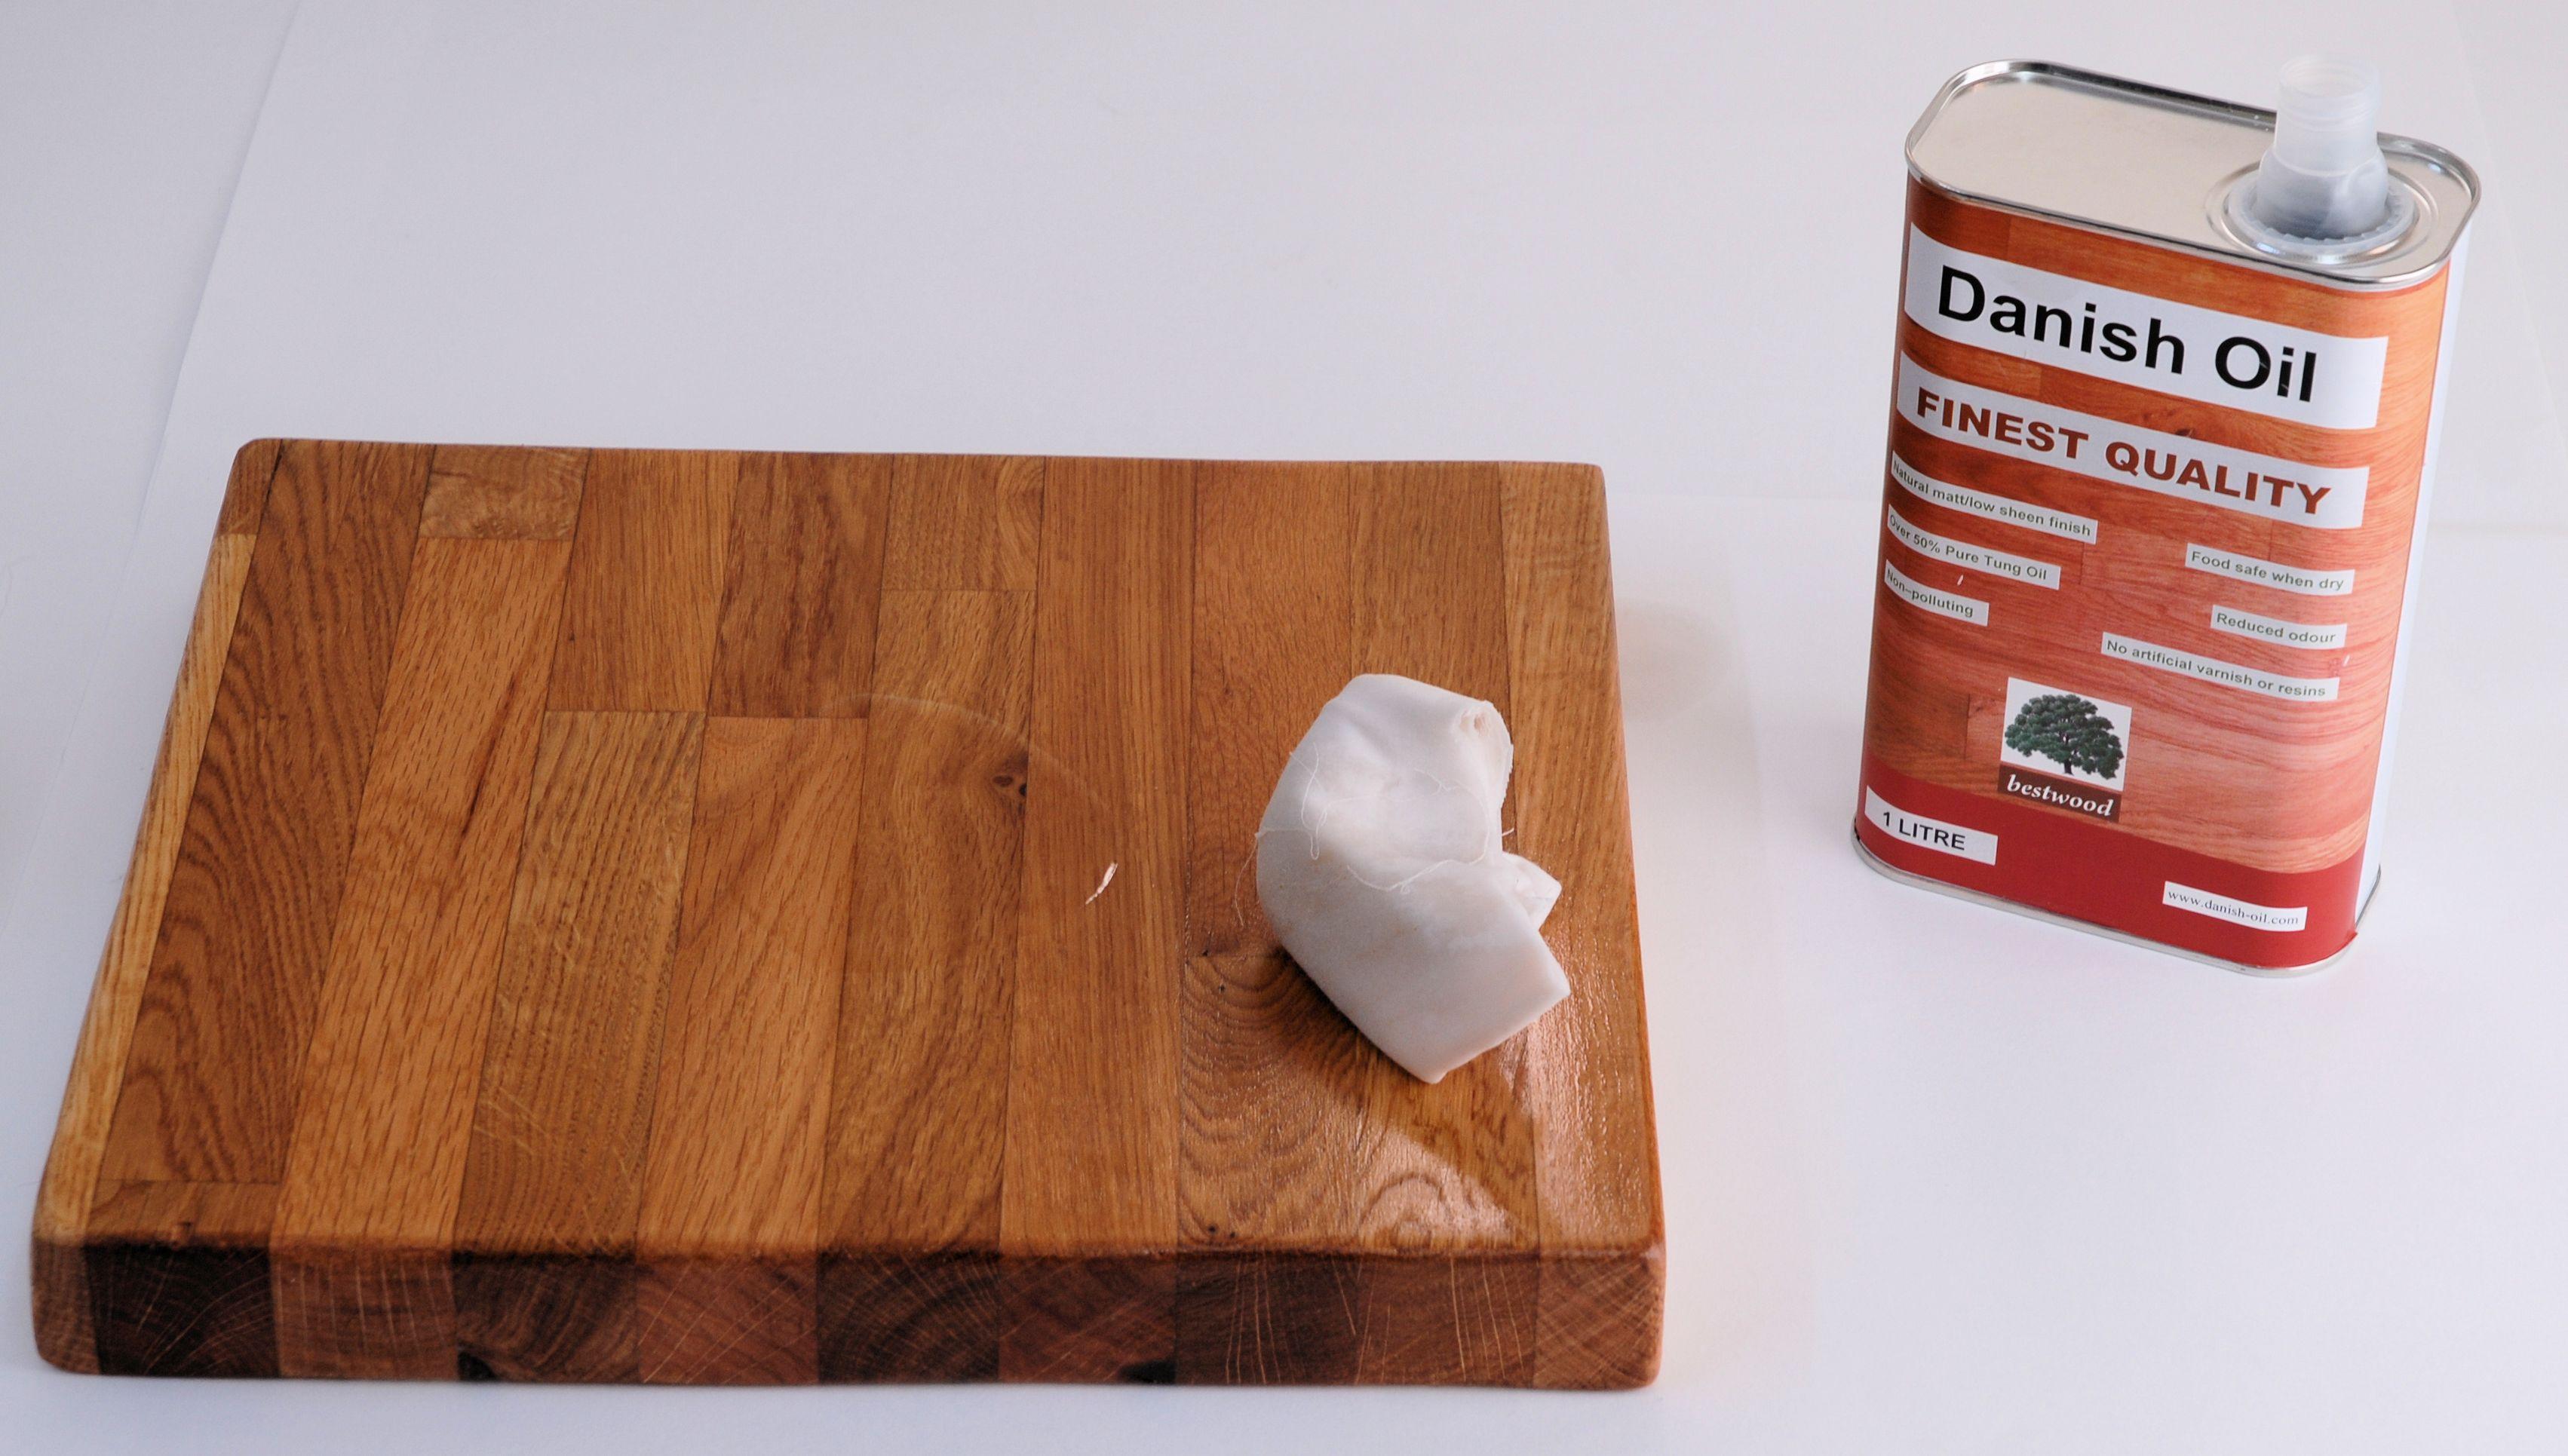 How to apply danish oildanish-oil com